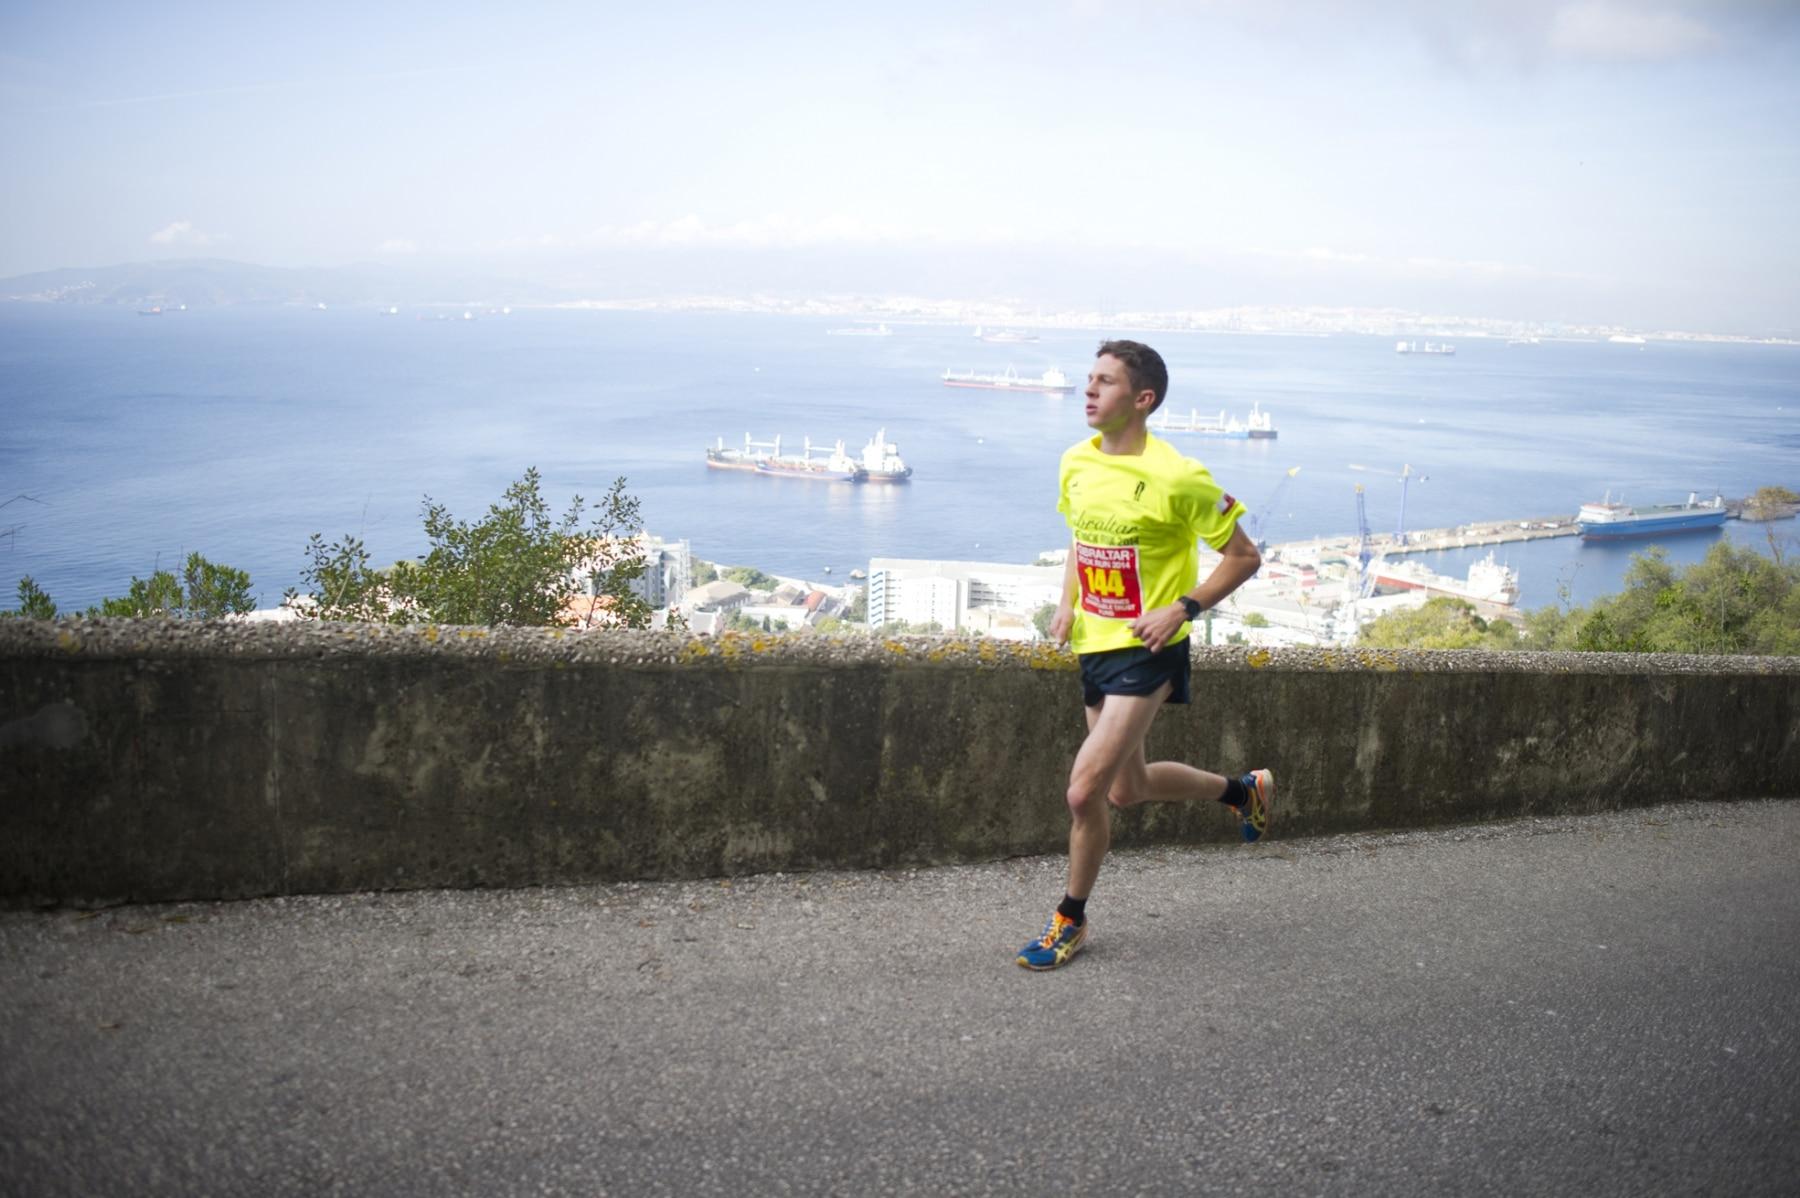 henry-cavill-en-la-carrera-del-350-aniversario-de-los-royal-marines-en-gibraltar-25-octubre-201423_15624582702_o